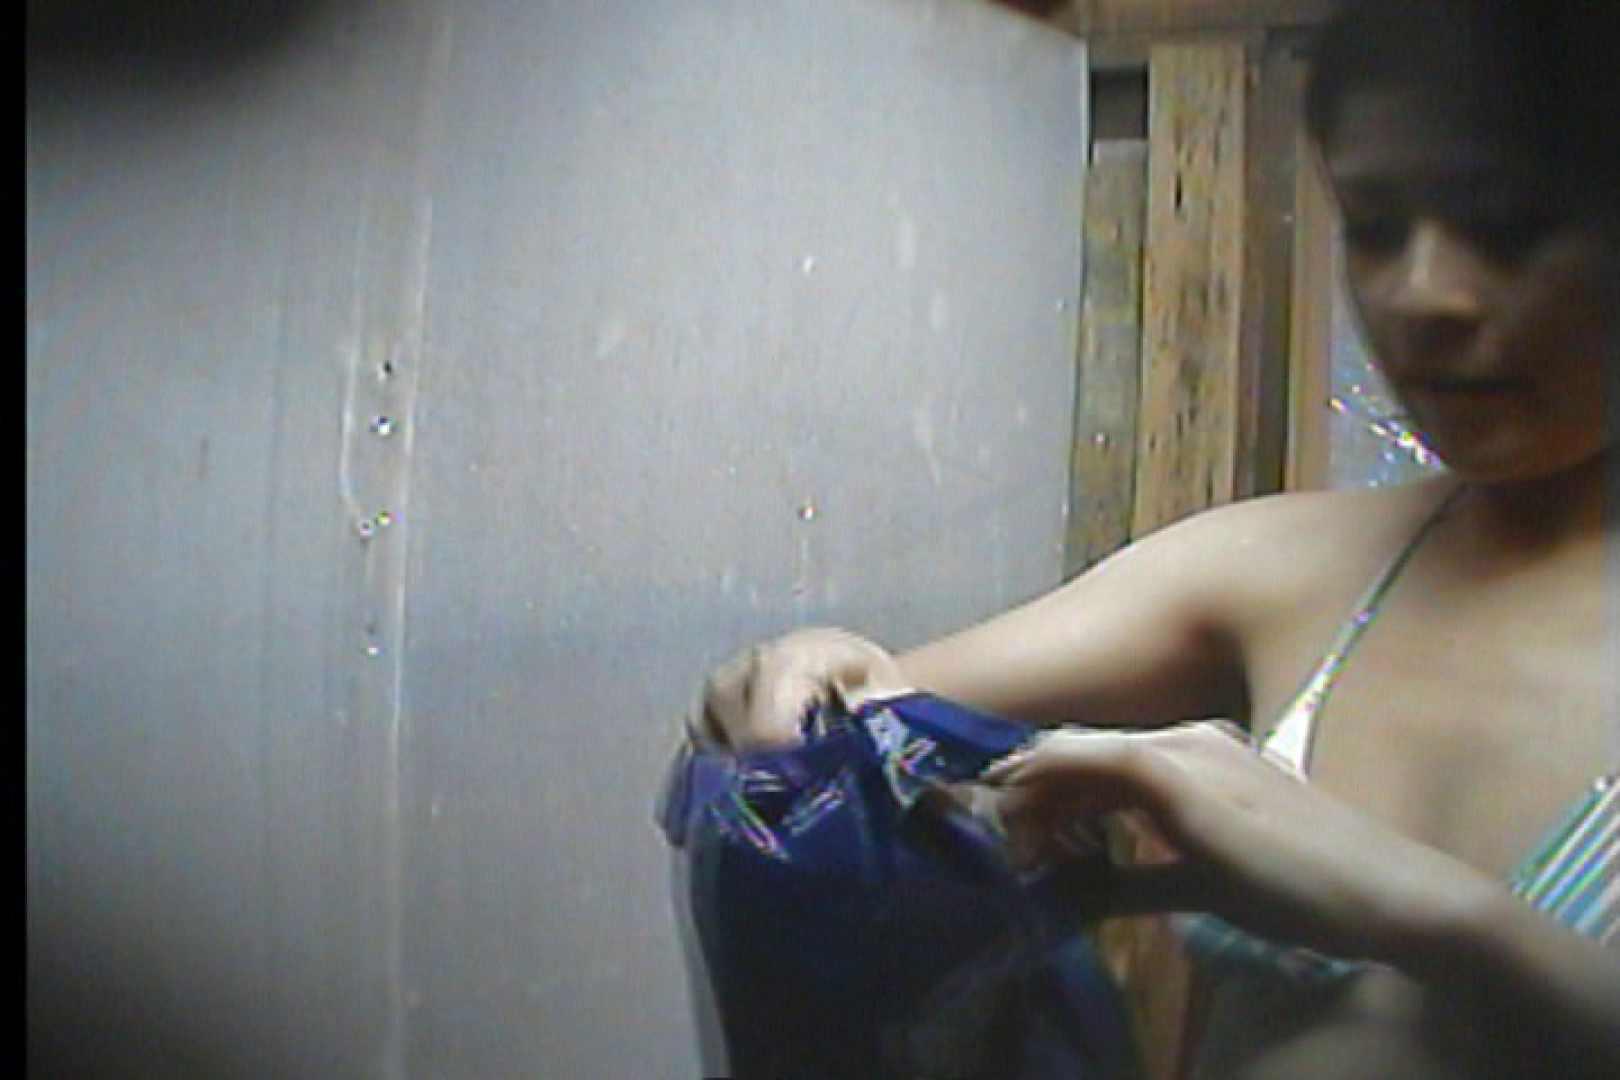 海の家の更衣室 Vol.19 シャワー   OLの実態  35pic 1